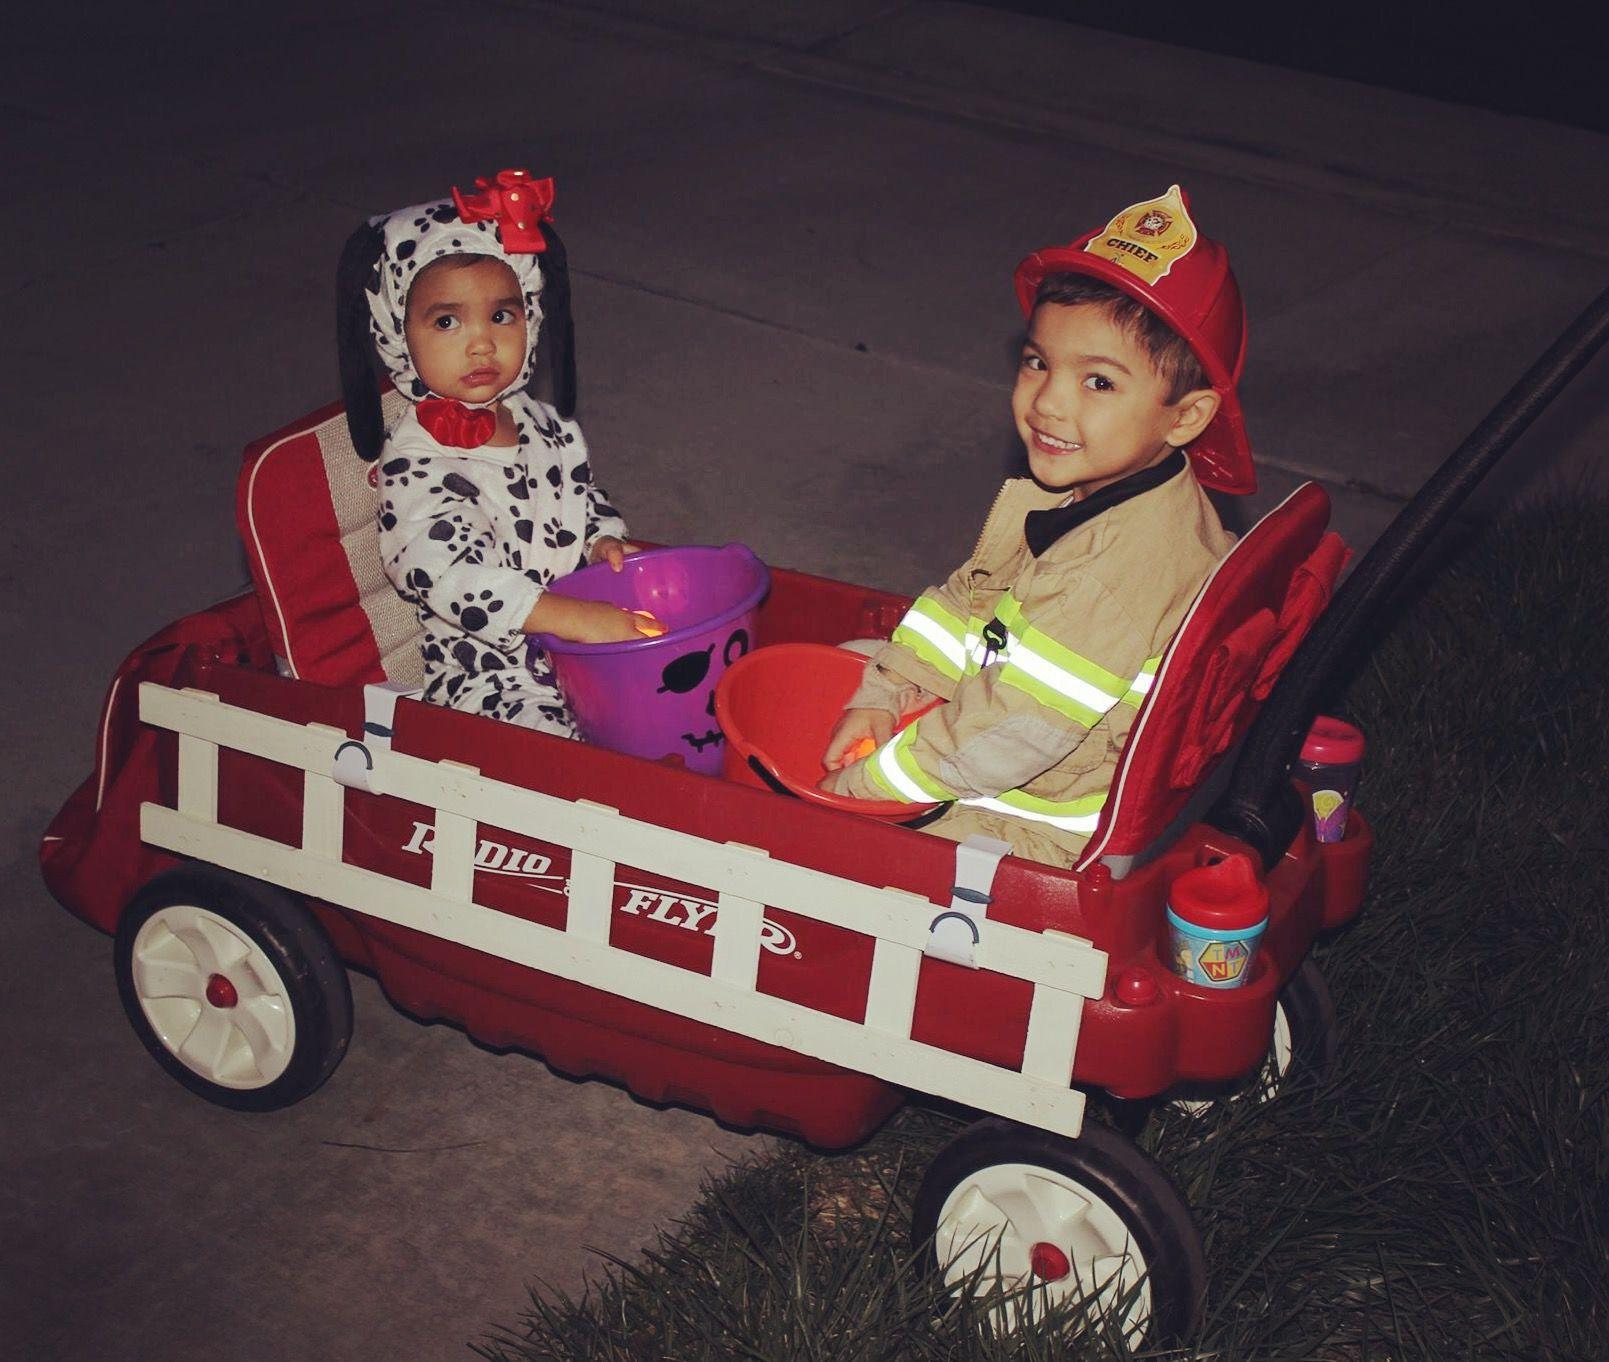 Fireman and firedog. Big brother & baby sister. Halloween costumes